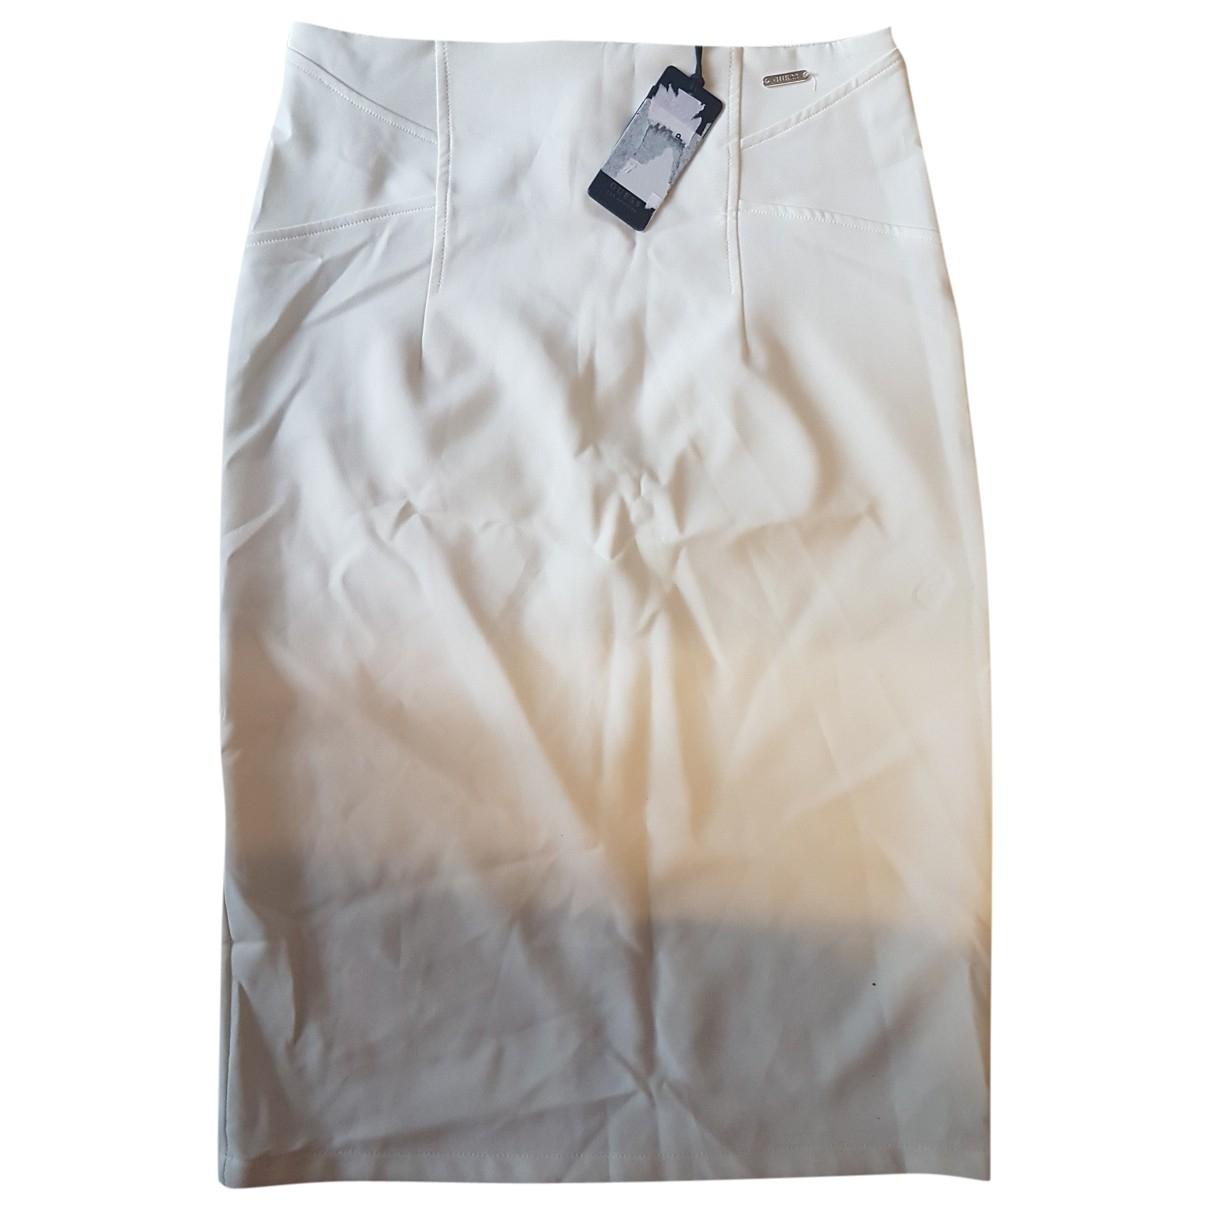 Guess \N White skirt for Women S International